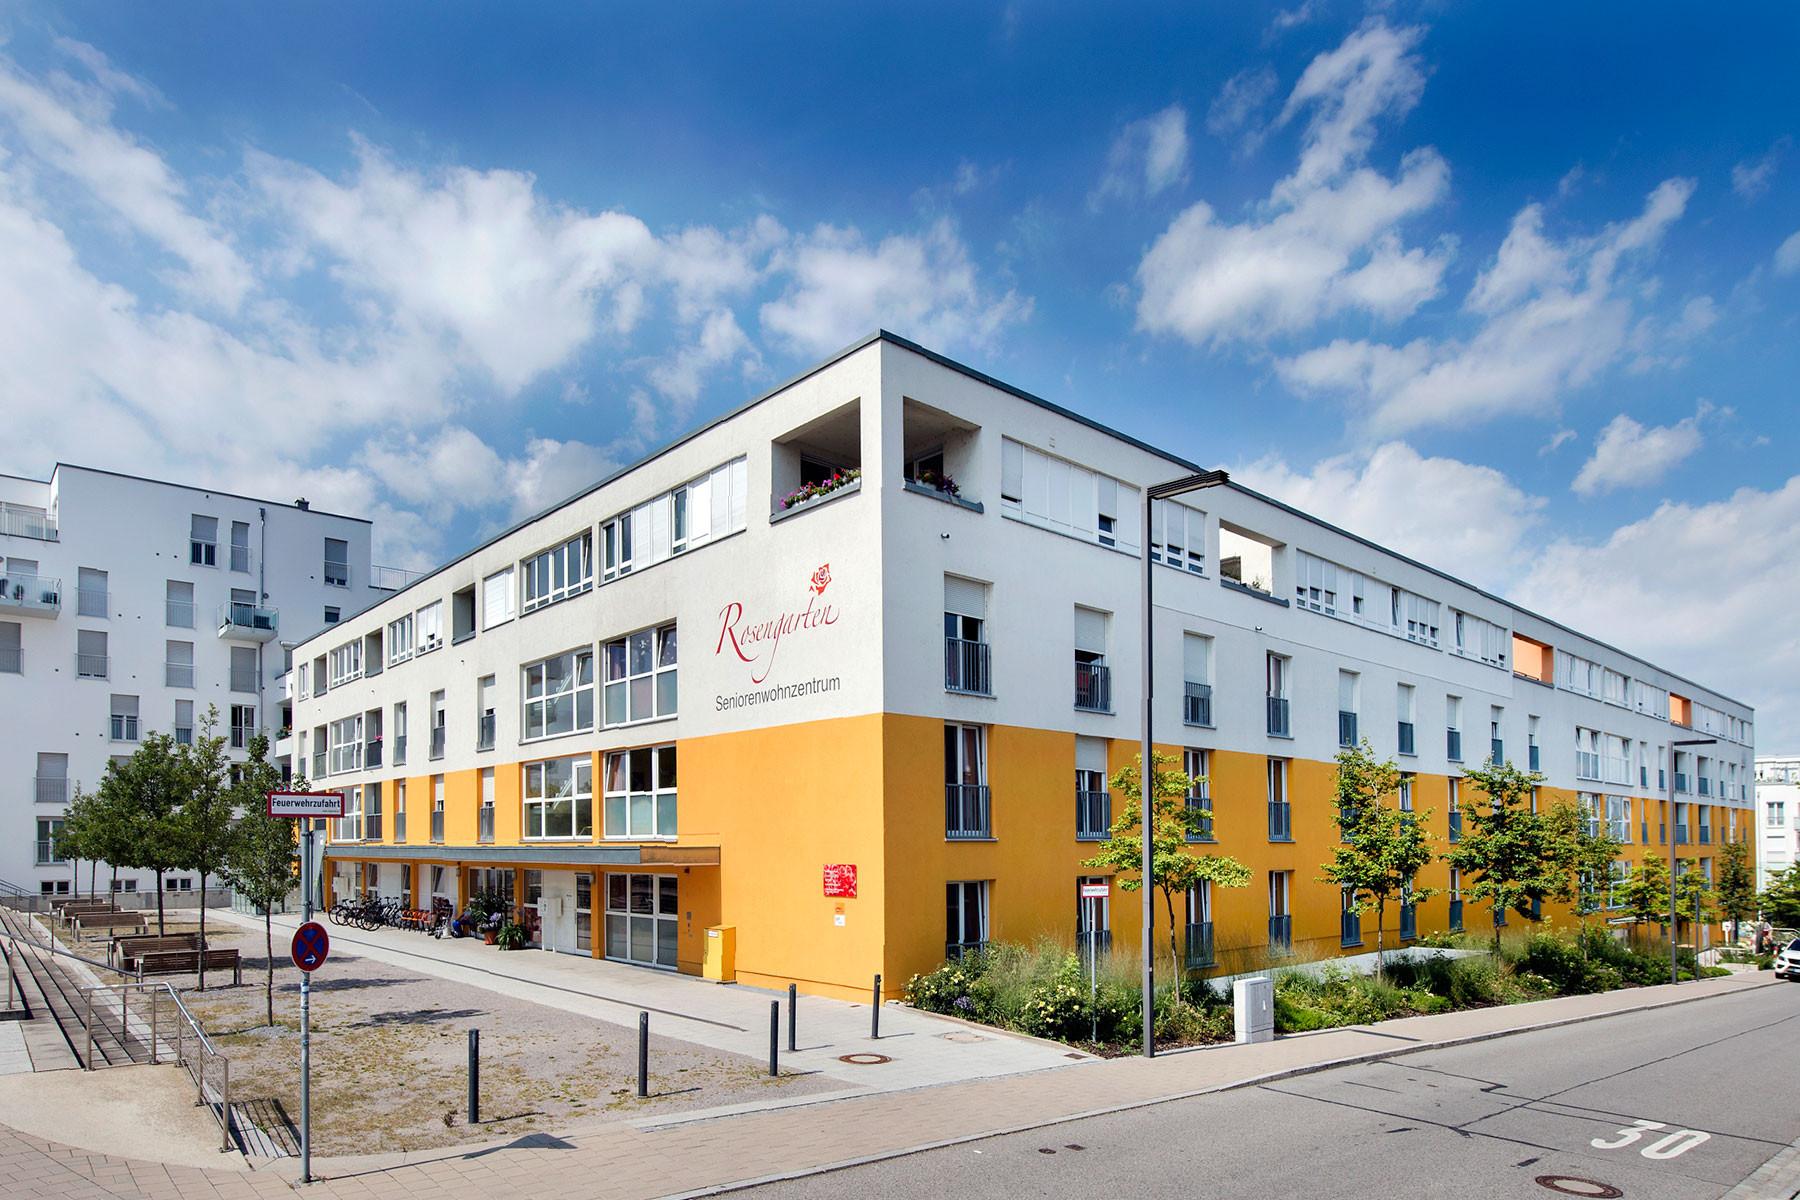 seniorenwohnzentrum stift rosengarten in regensburg auf wohnen im. Black Bedroom Furniture Sets. Home Design Ideas